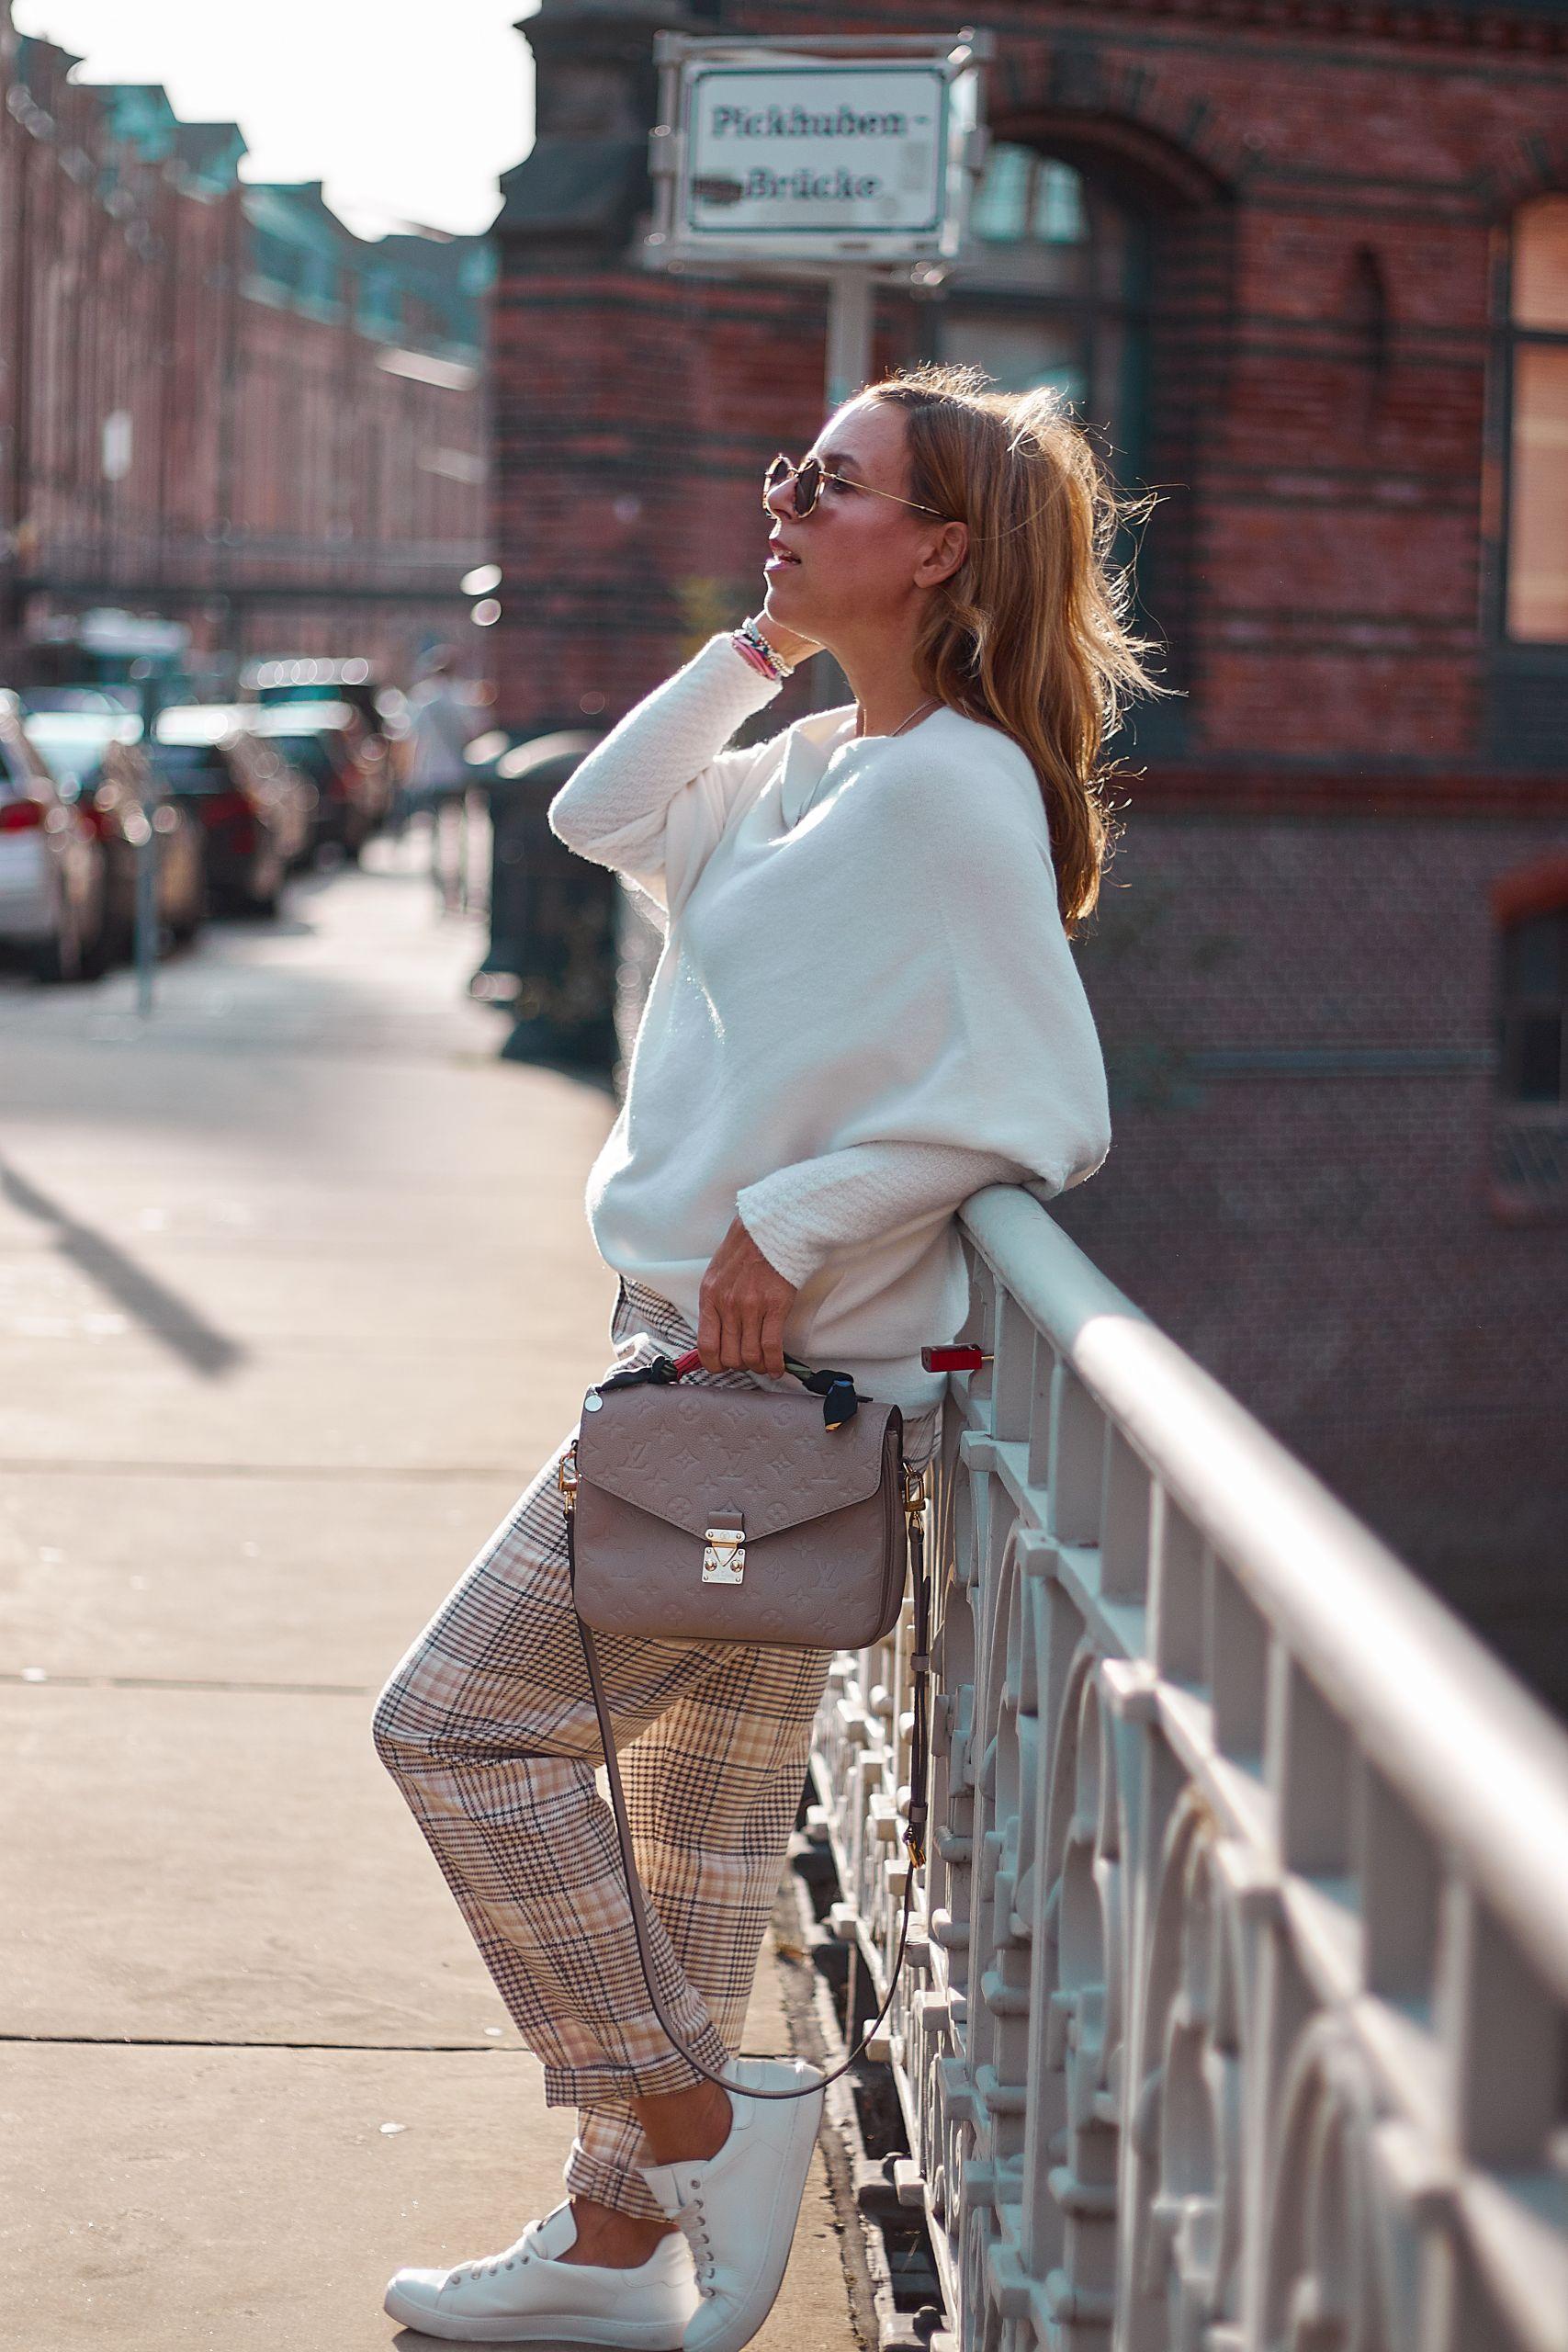 Karohose von Marc Aurel Fashion in der Speicherstadt